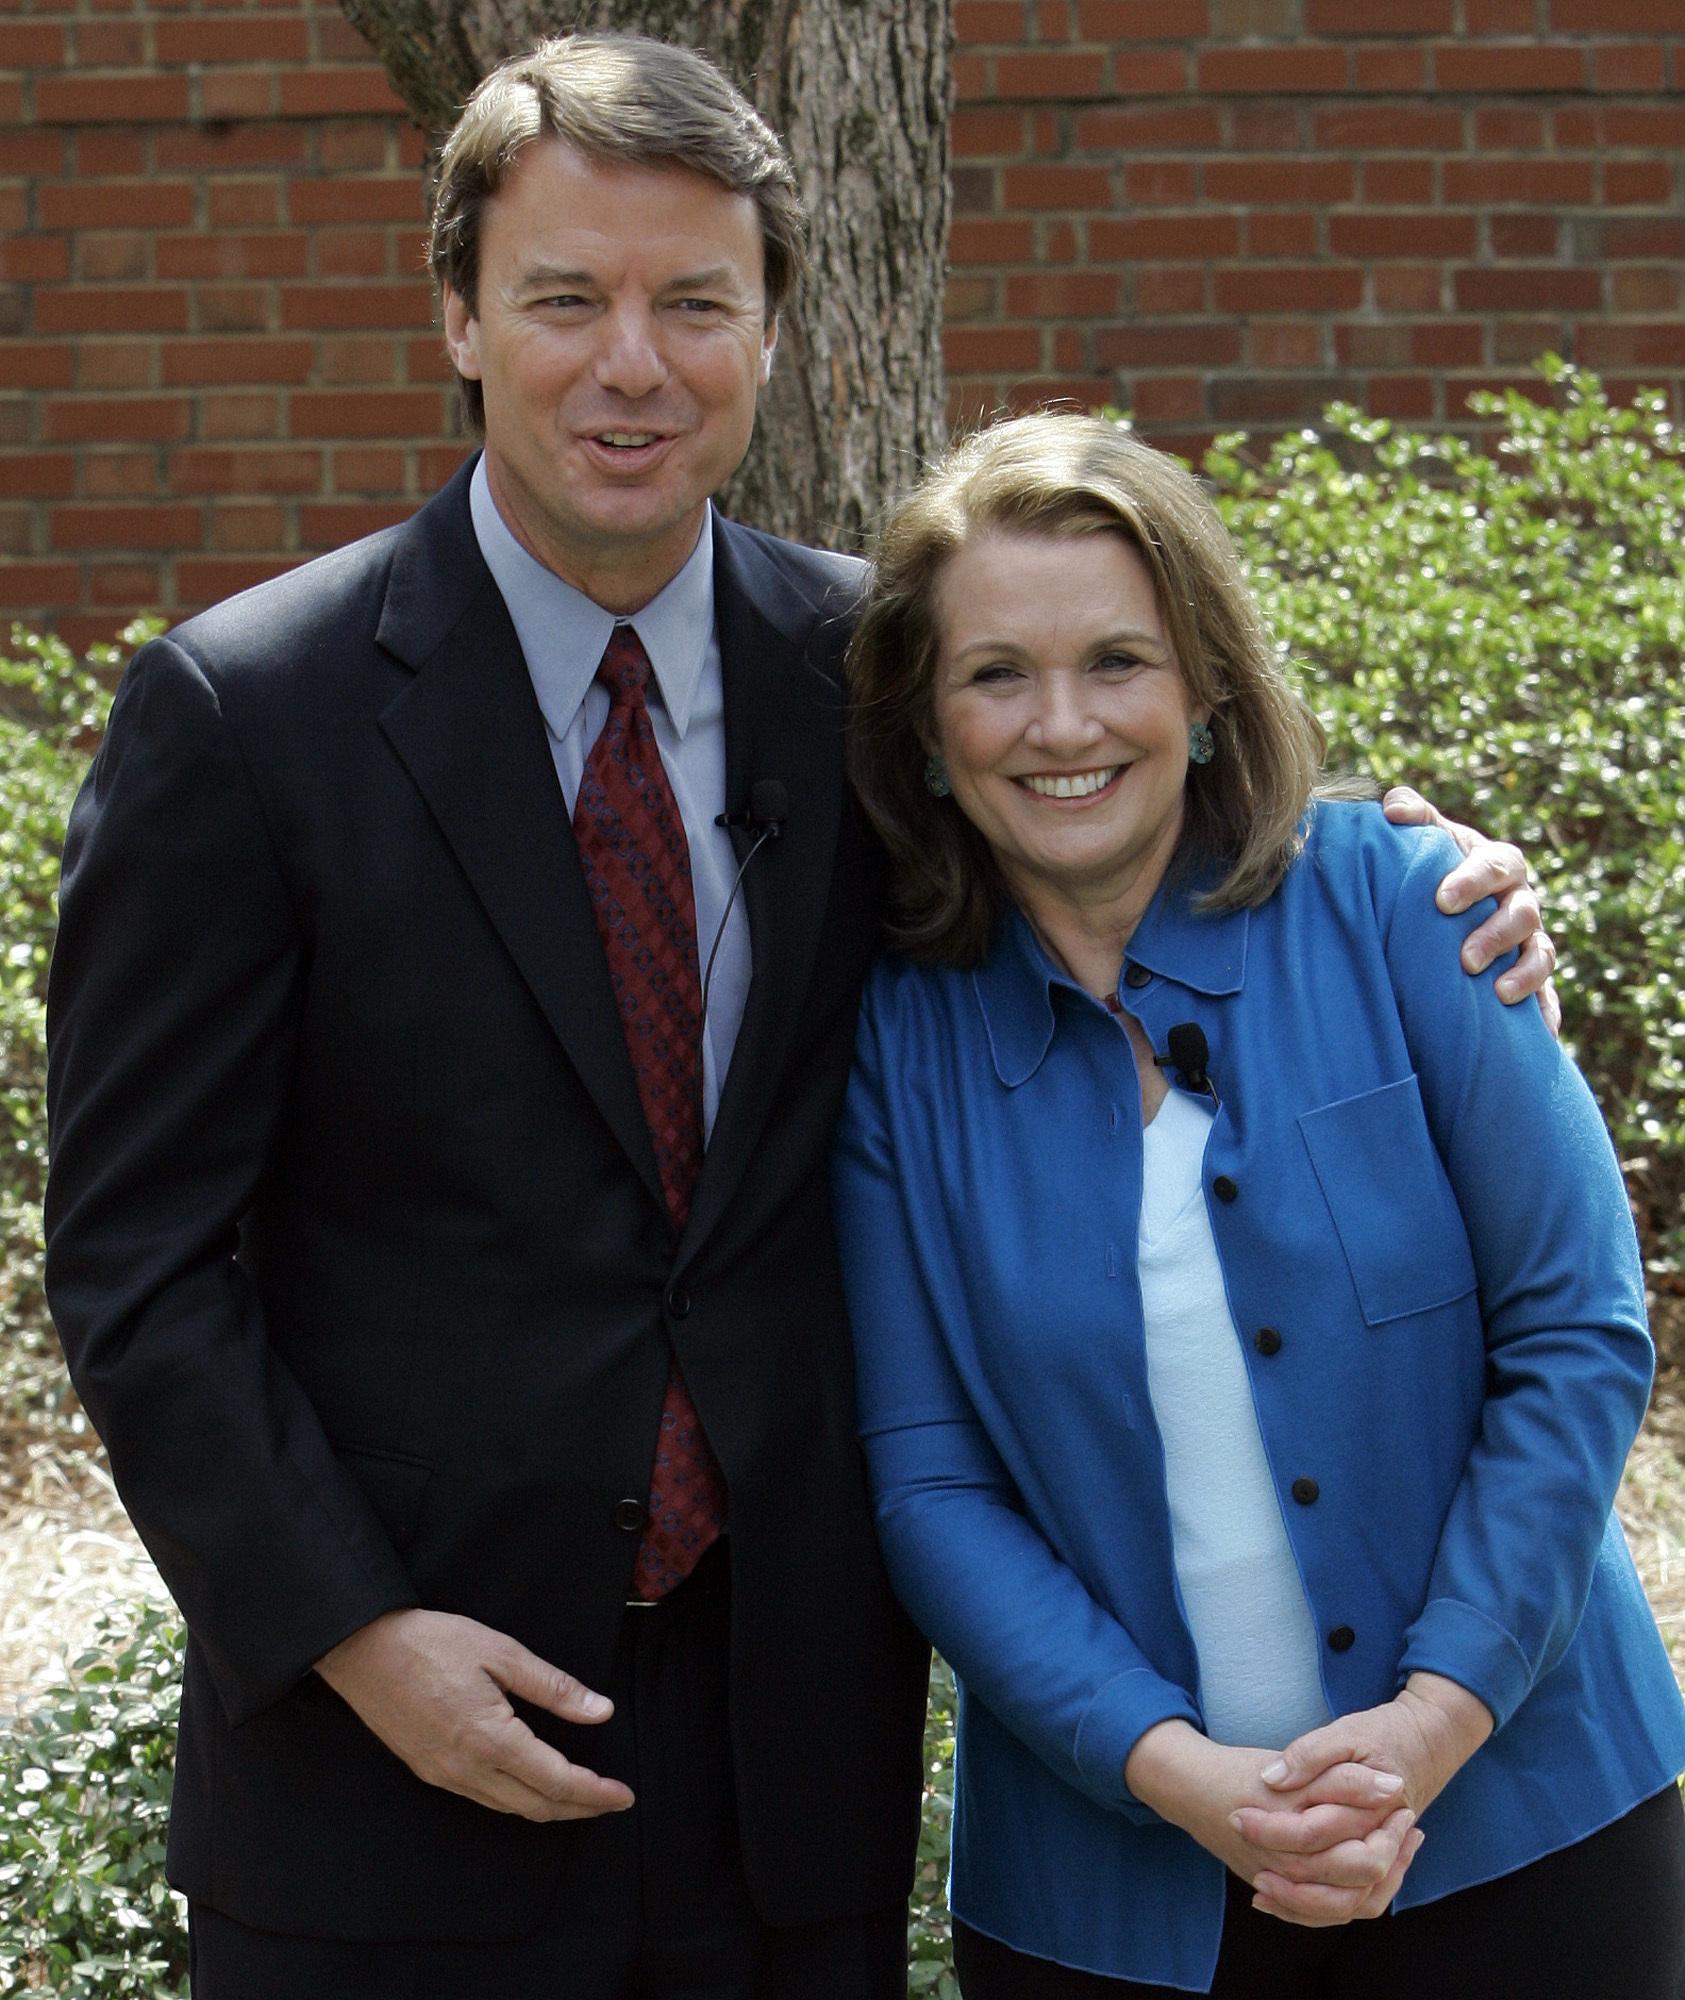 John Edwards and Elizabeth Edwards